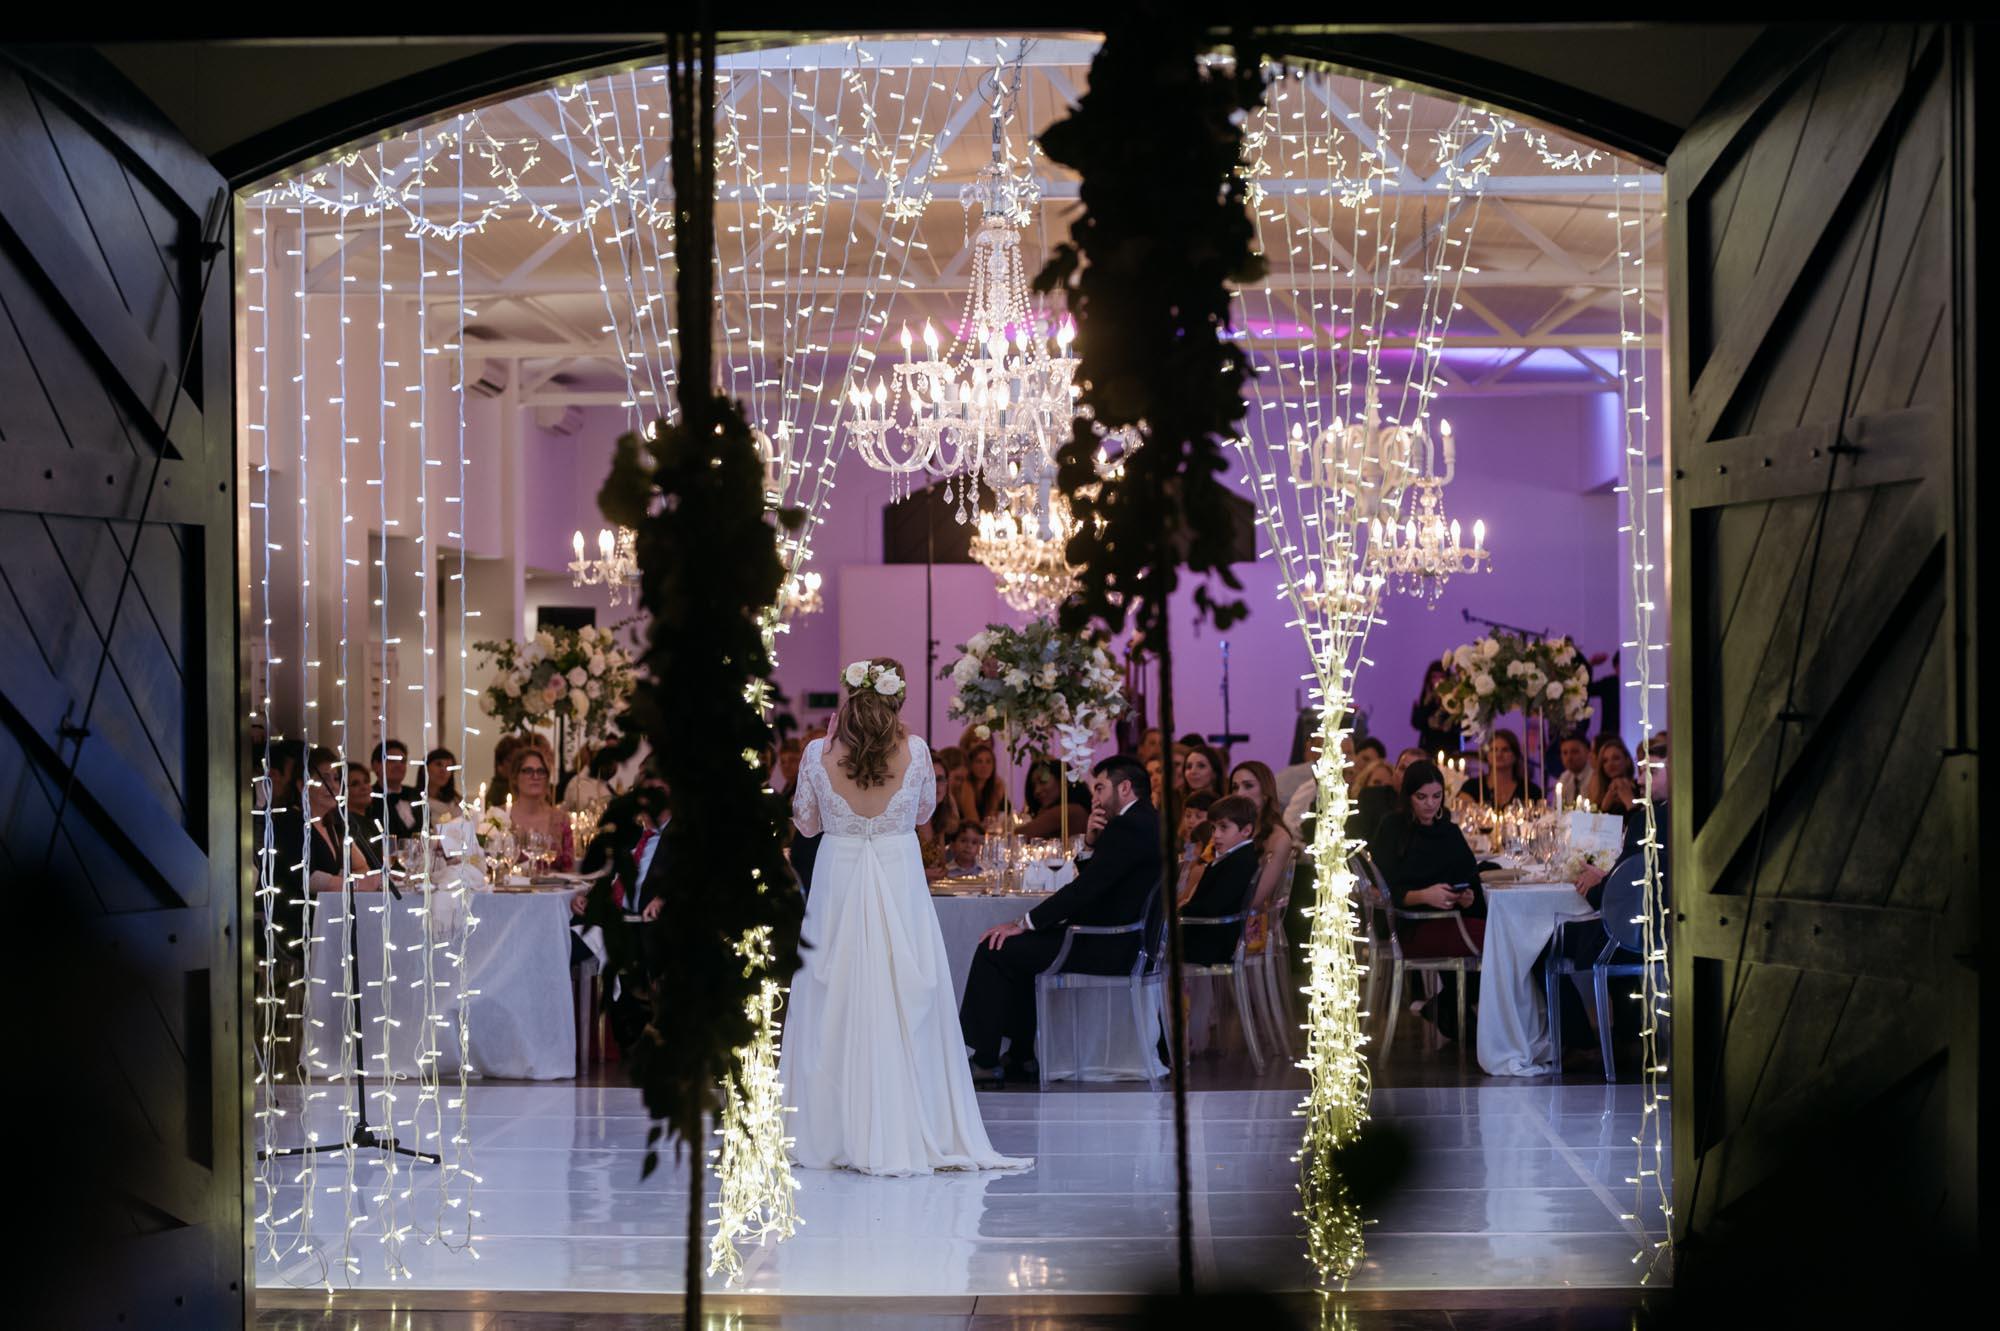 john-henry-cape-town-wedding-photographer-celebration-001-4.jpg